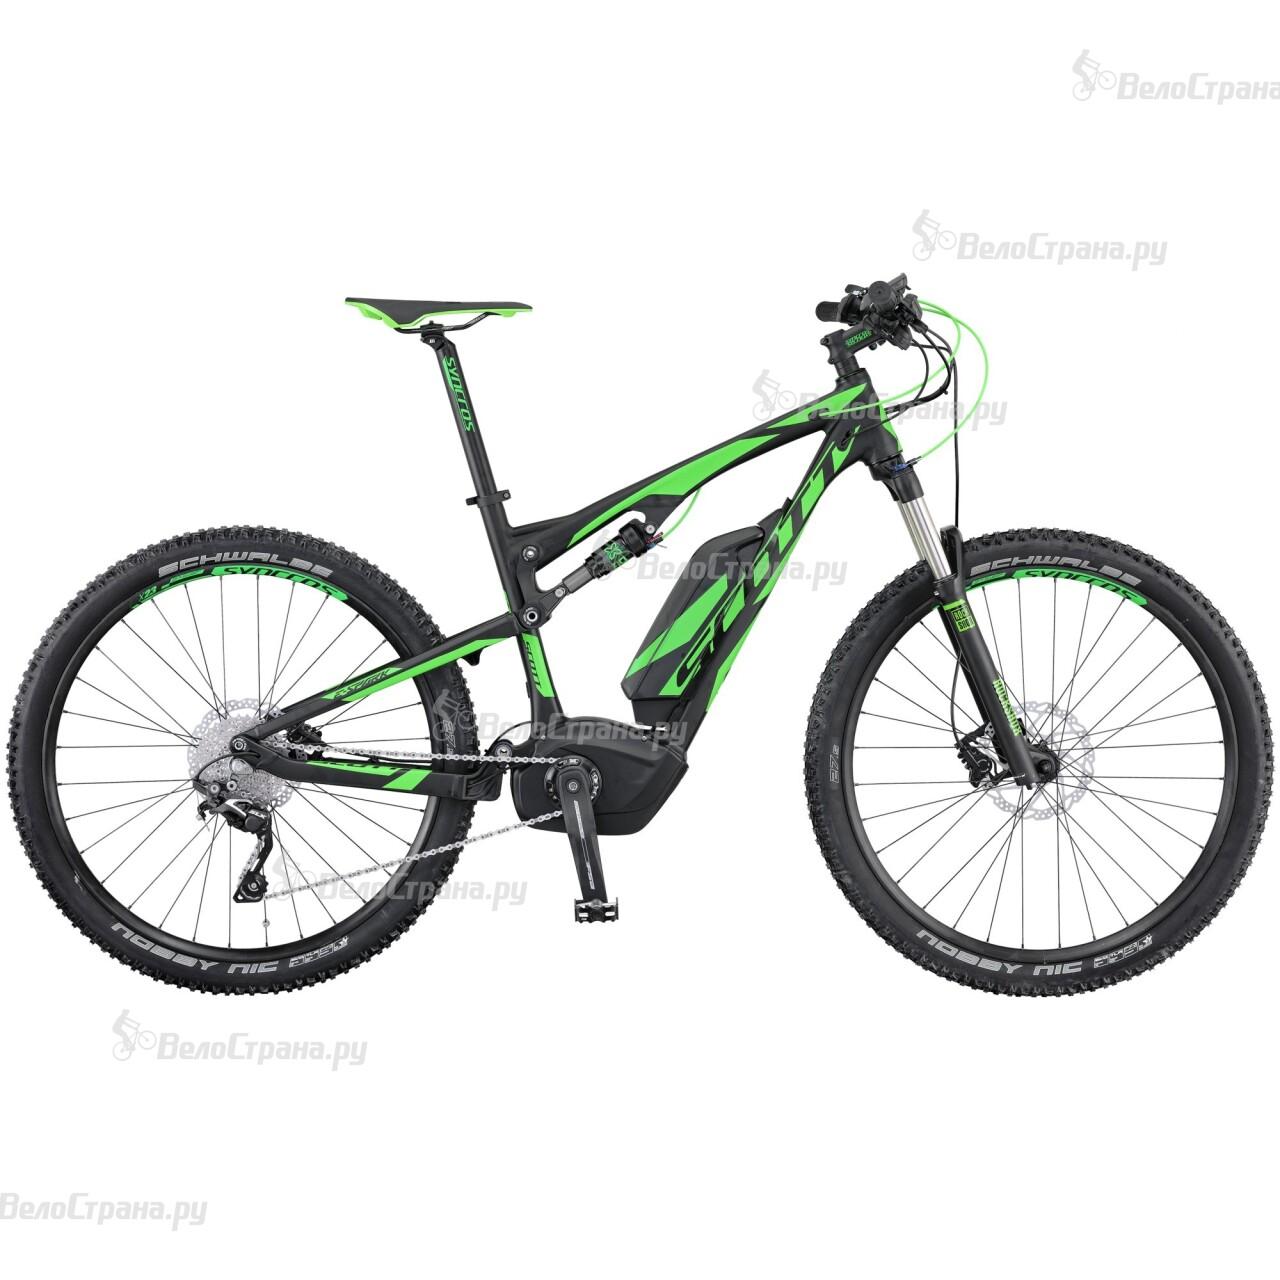 Велосипед Scott E-Spark 720 (2016)